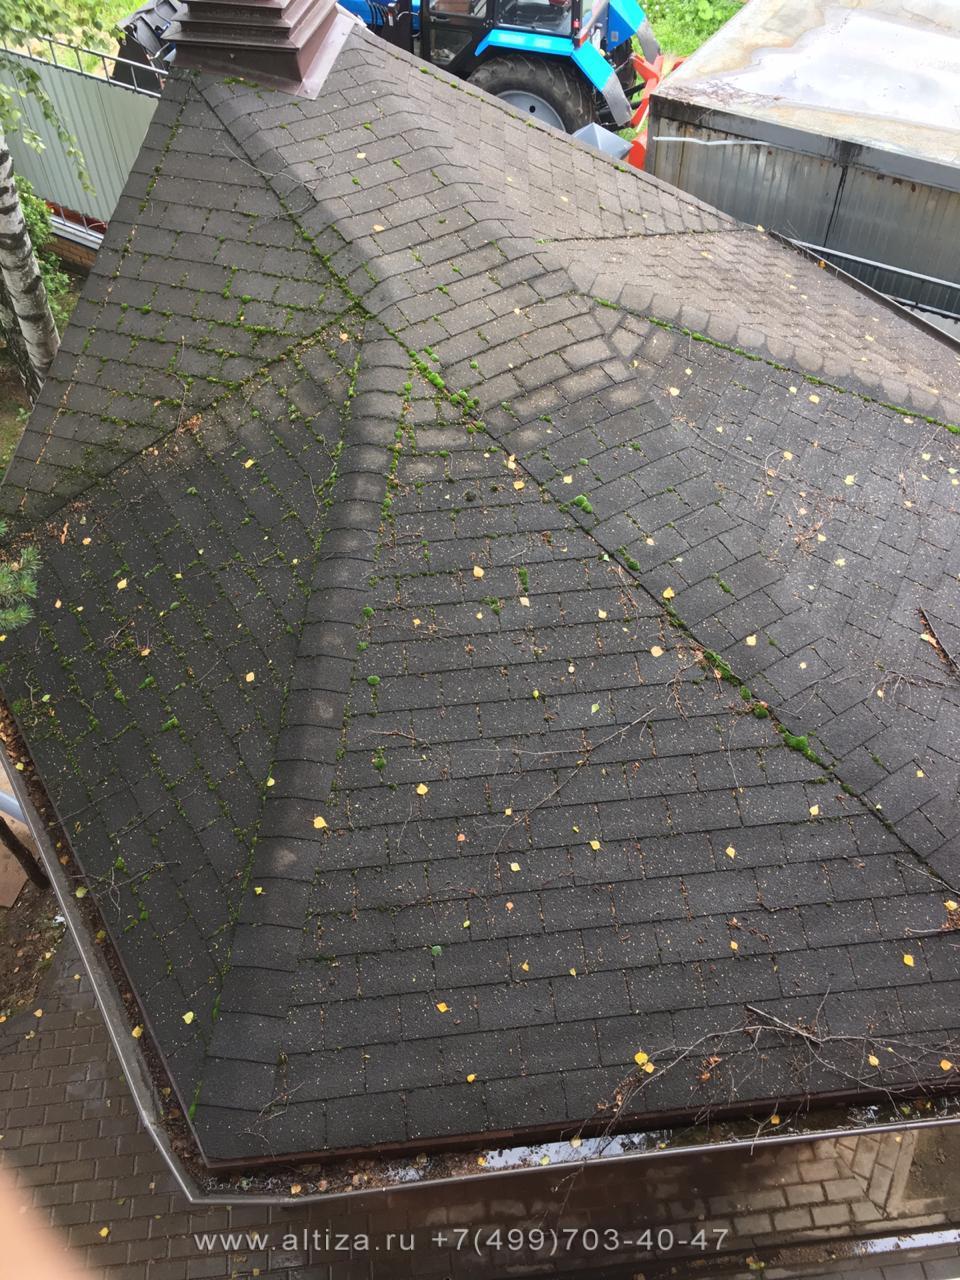 Уборка крыши от мха